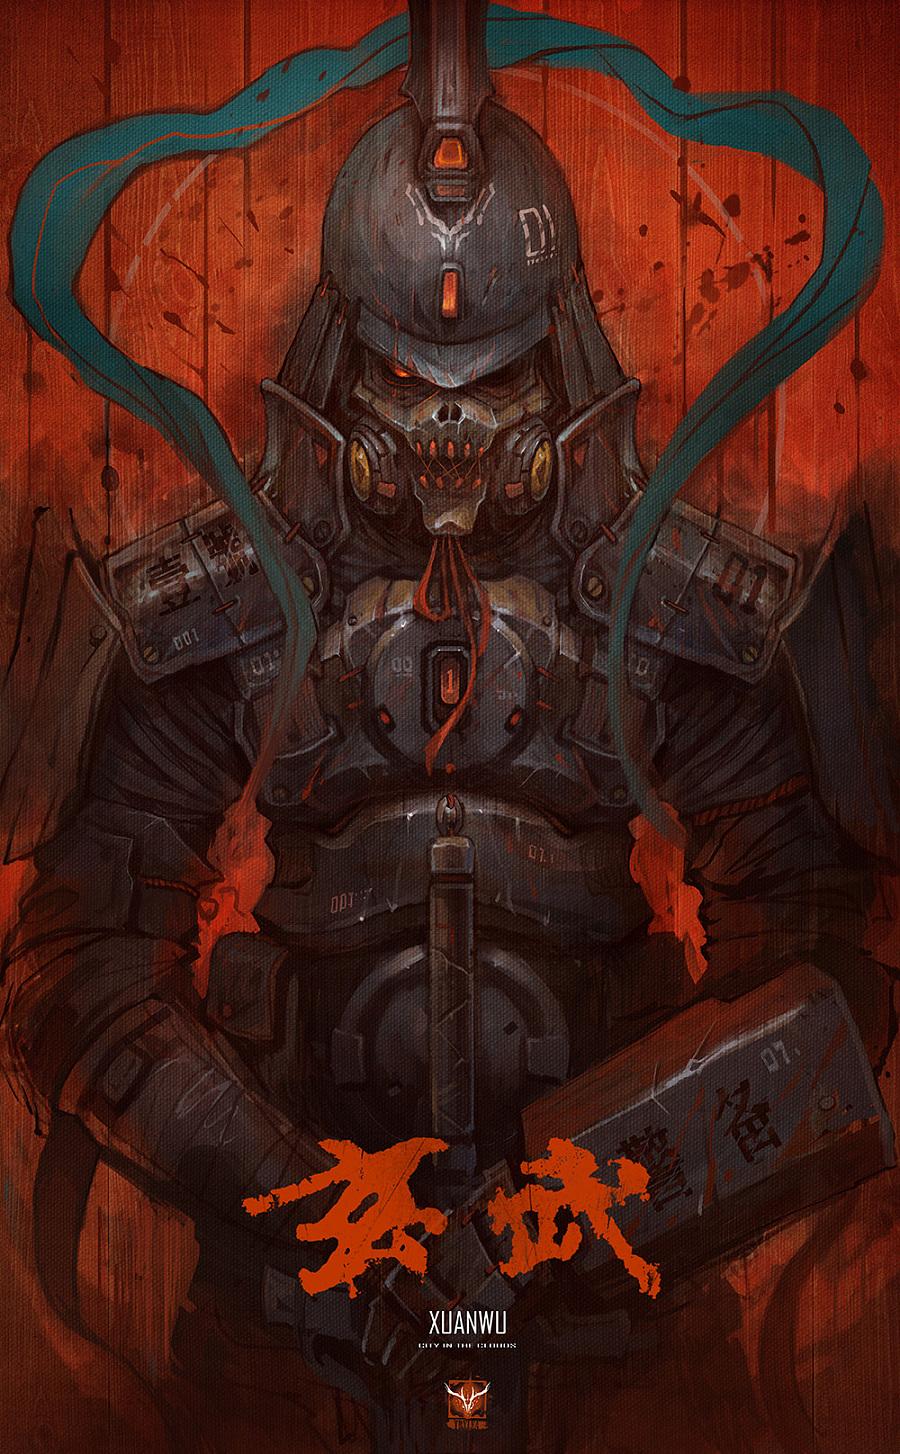 查看《出云志-殇之玄武》原图,原图尺寸:1000x1616